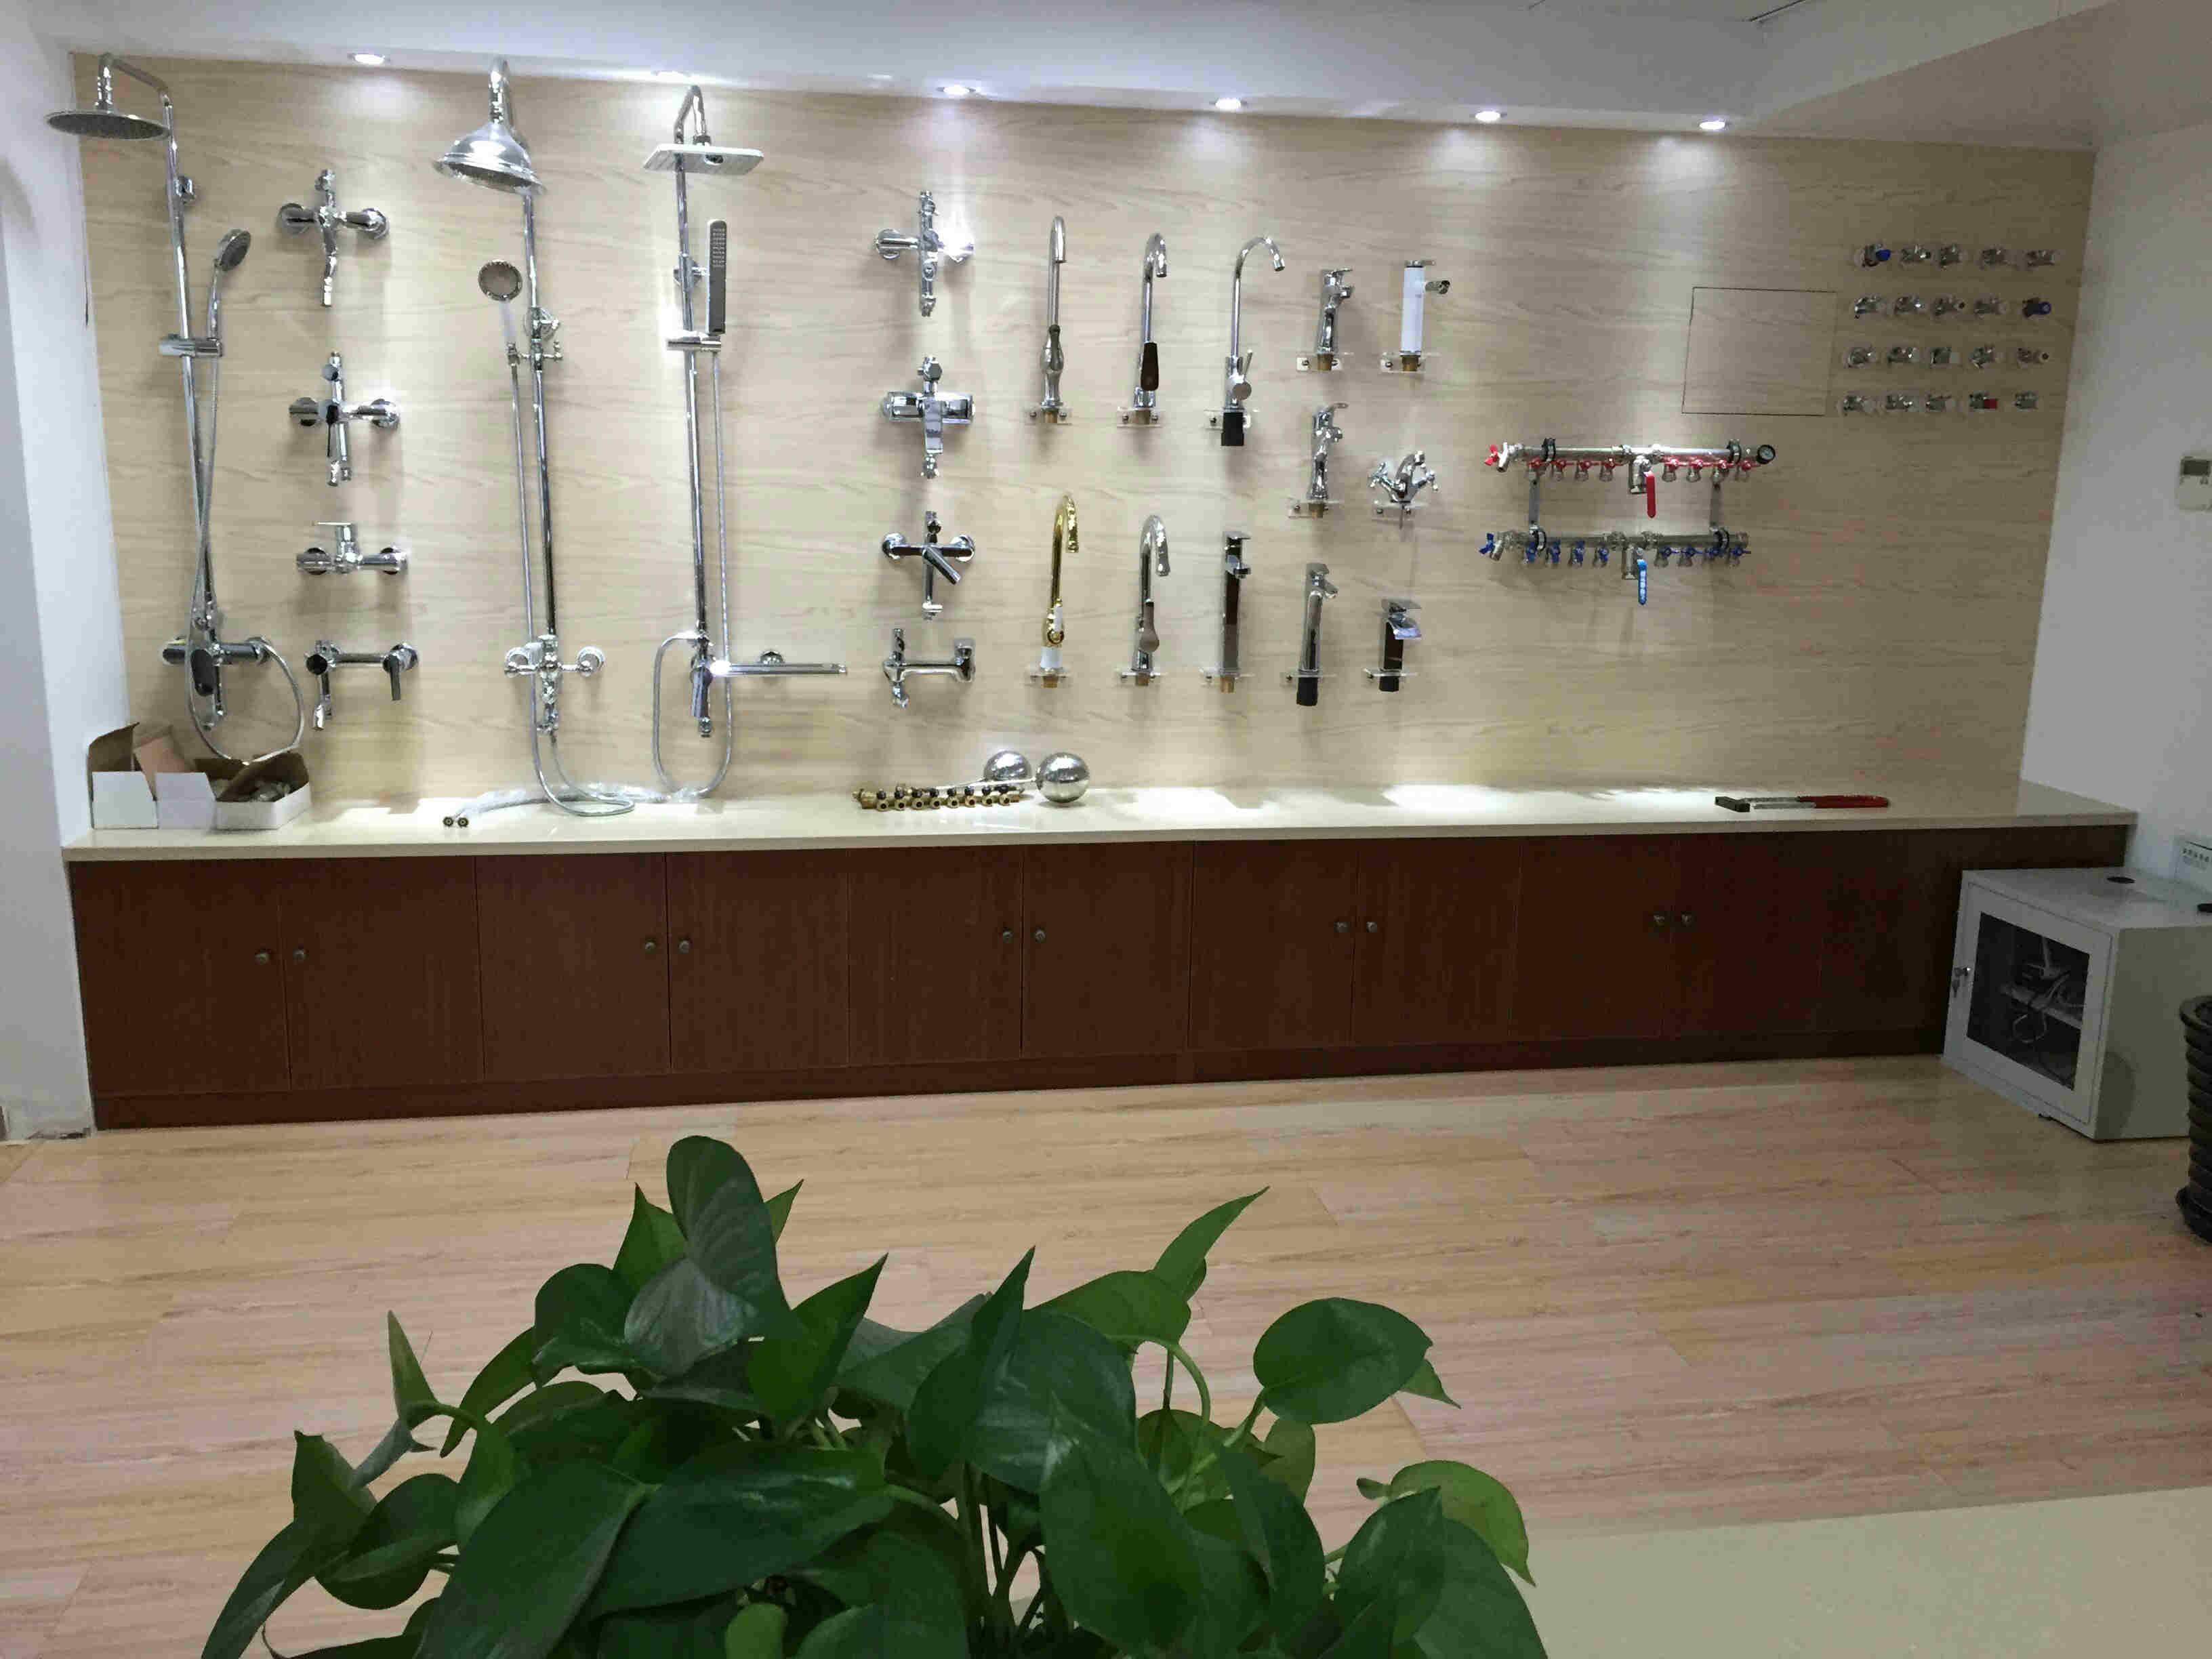 Trading Co. Ltd. Fornecedor de Válvula de Latão da China #2B2A14 3264x2448 Acessorios Banheiro China